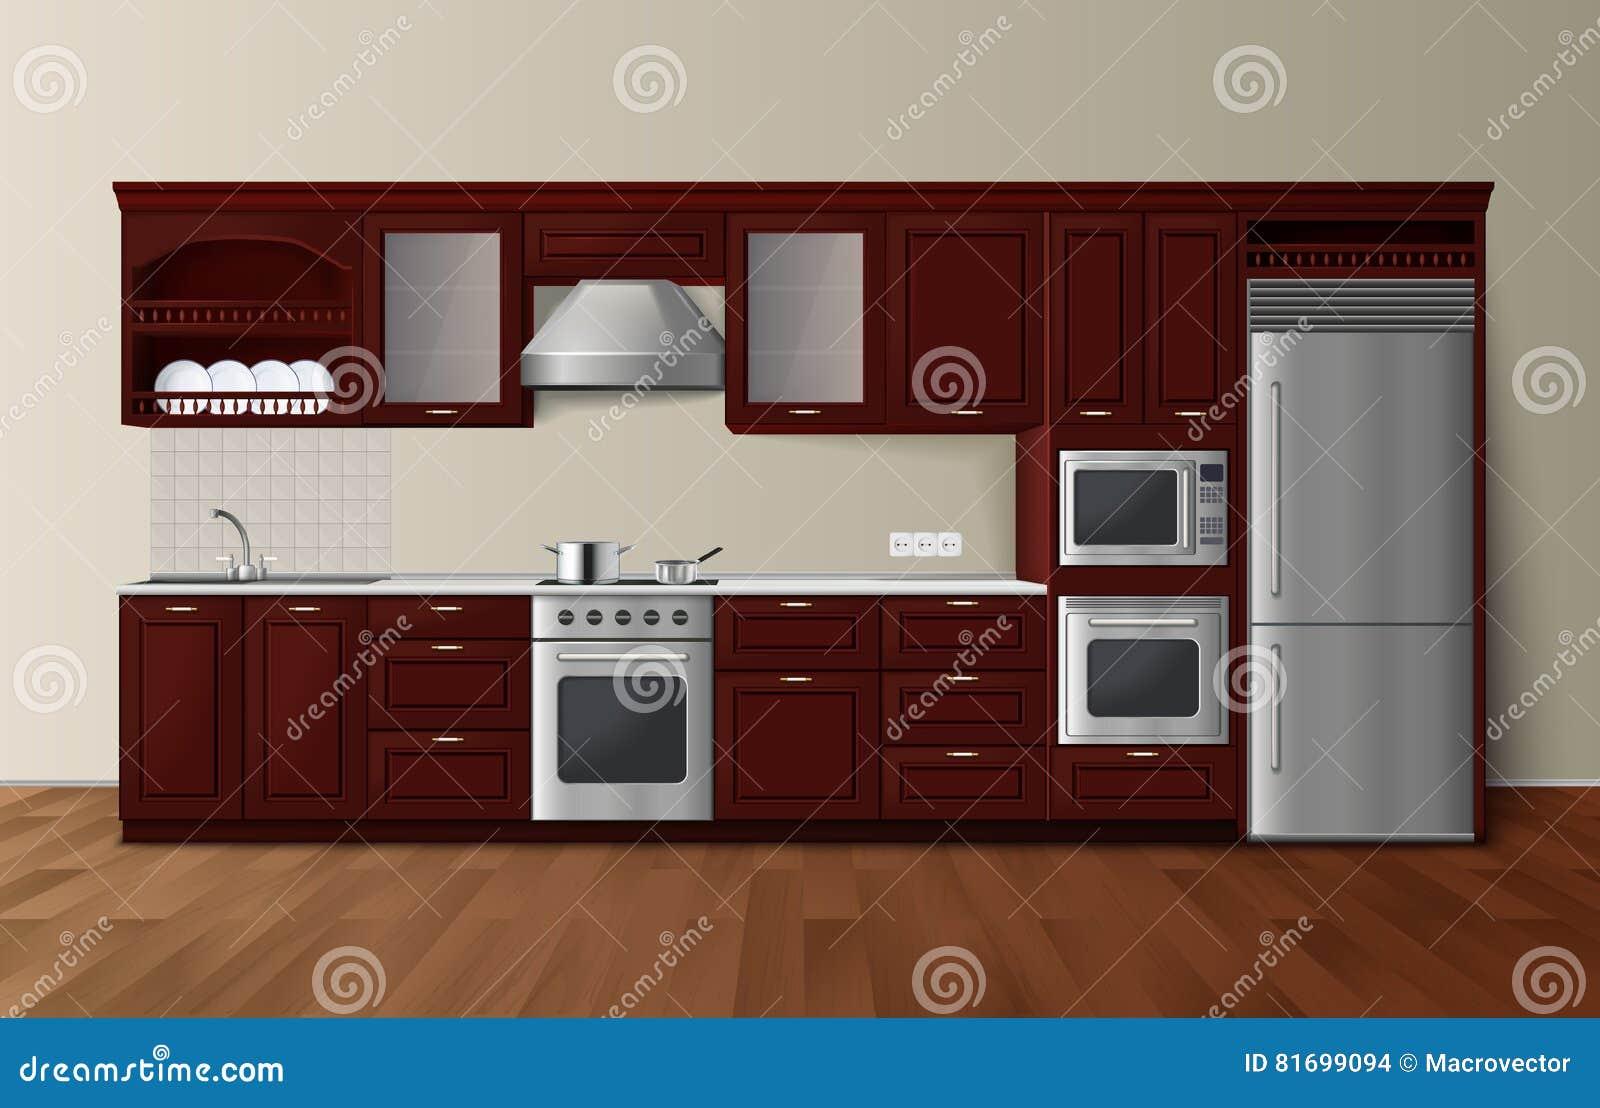 Immagine Interna Realistica Scura Della Cucina Di Lusso ...